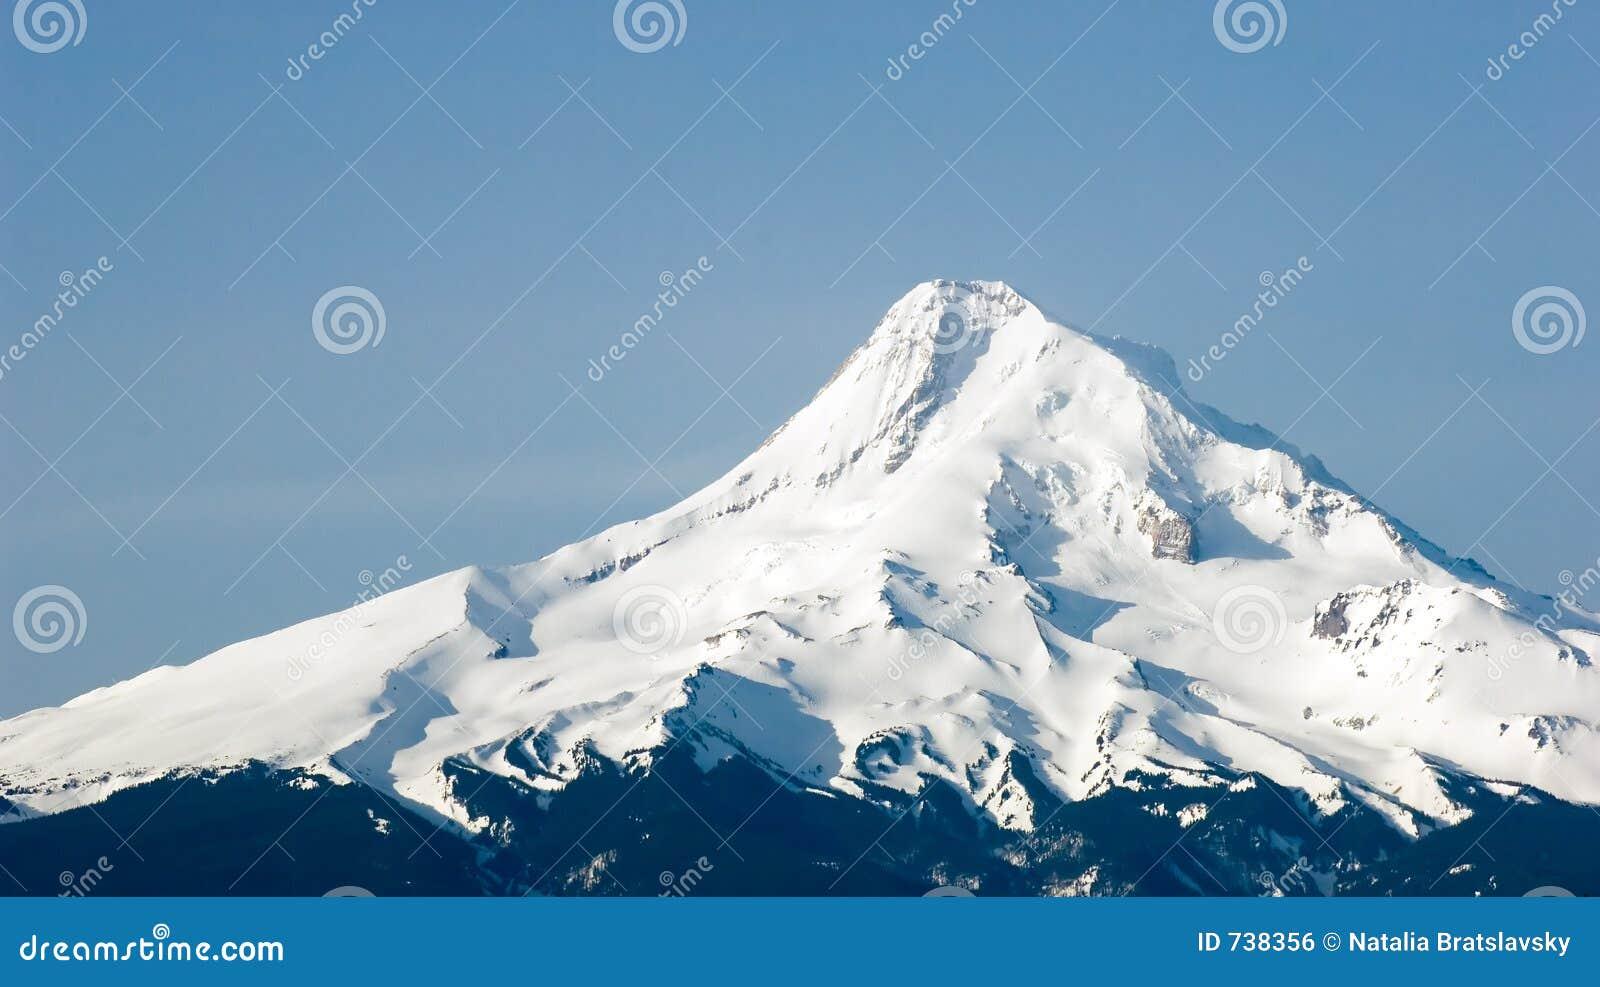 Mt. Capot